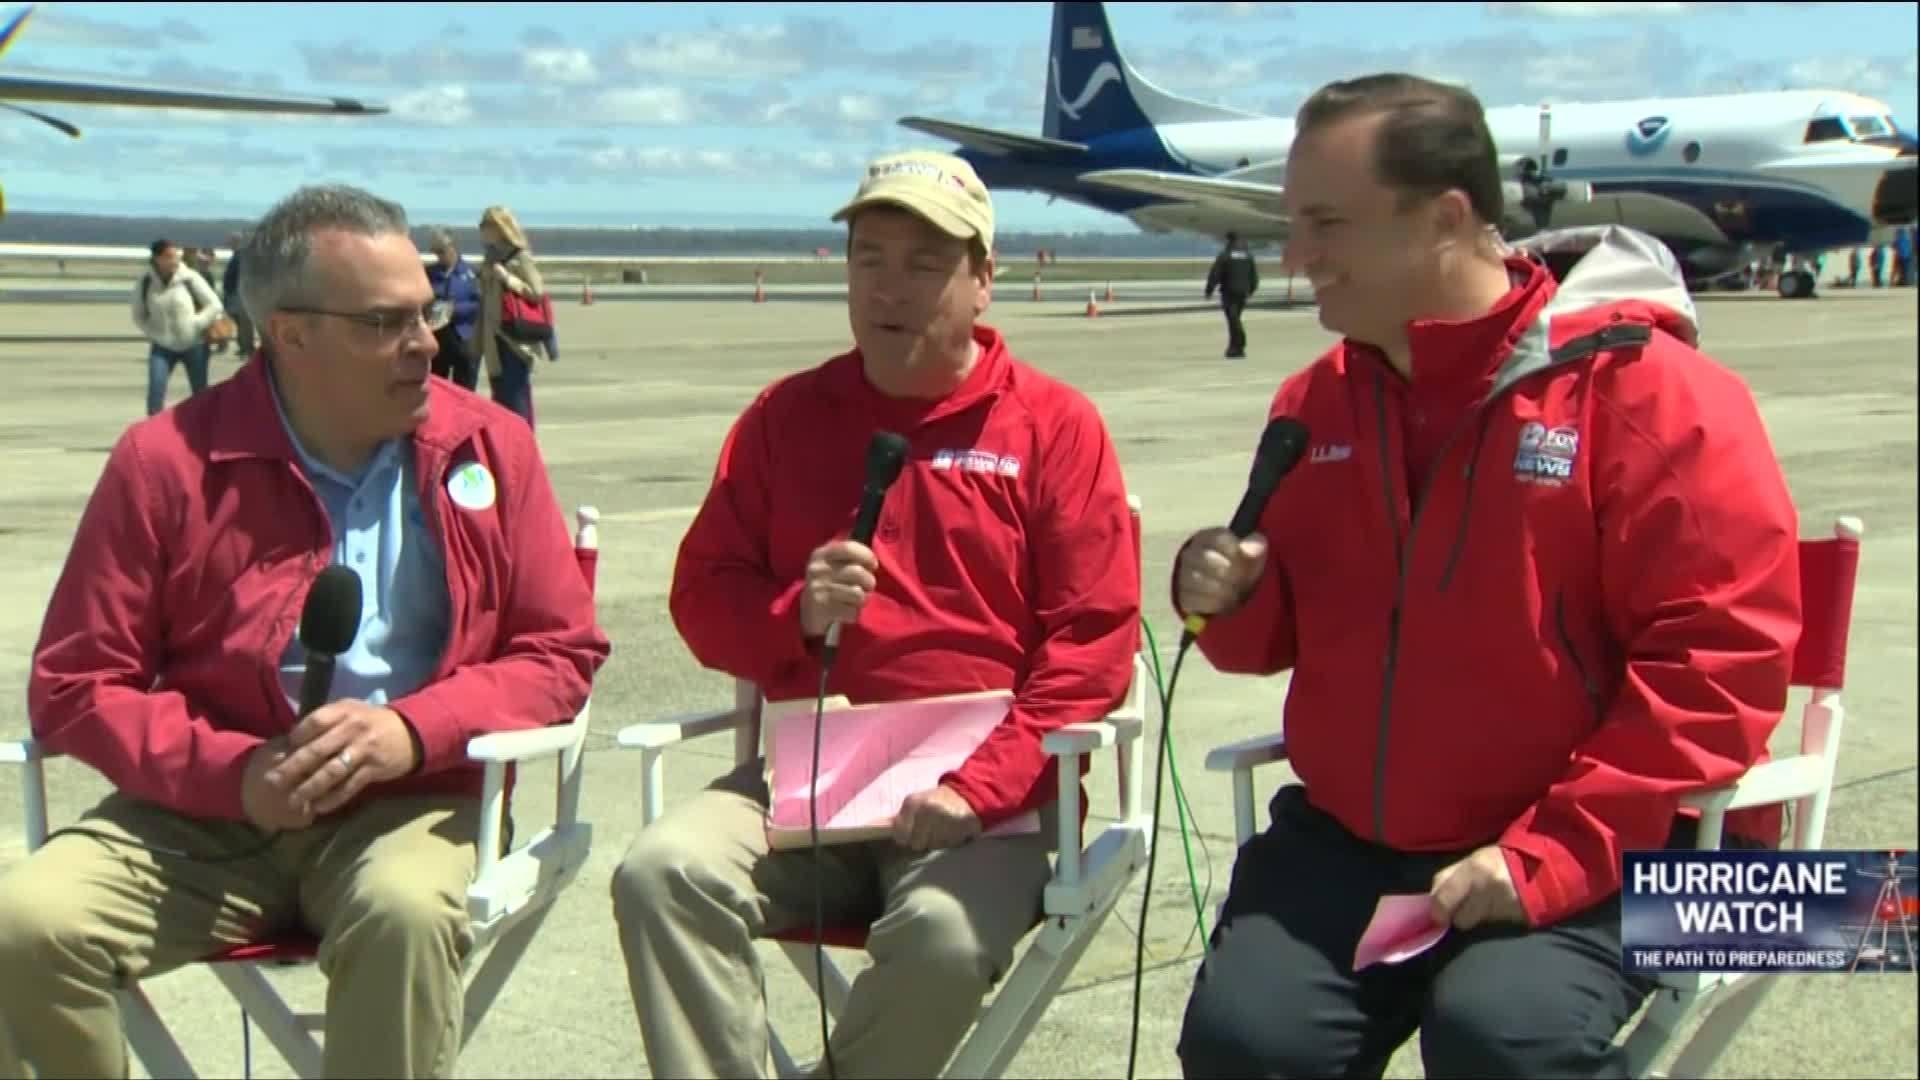 Hurricane Preparedness: Dave Vallee Q&A